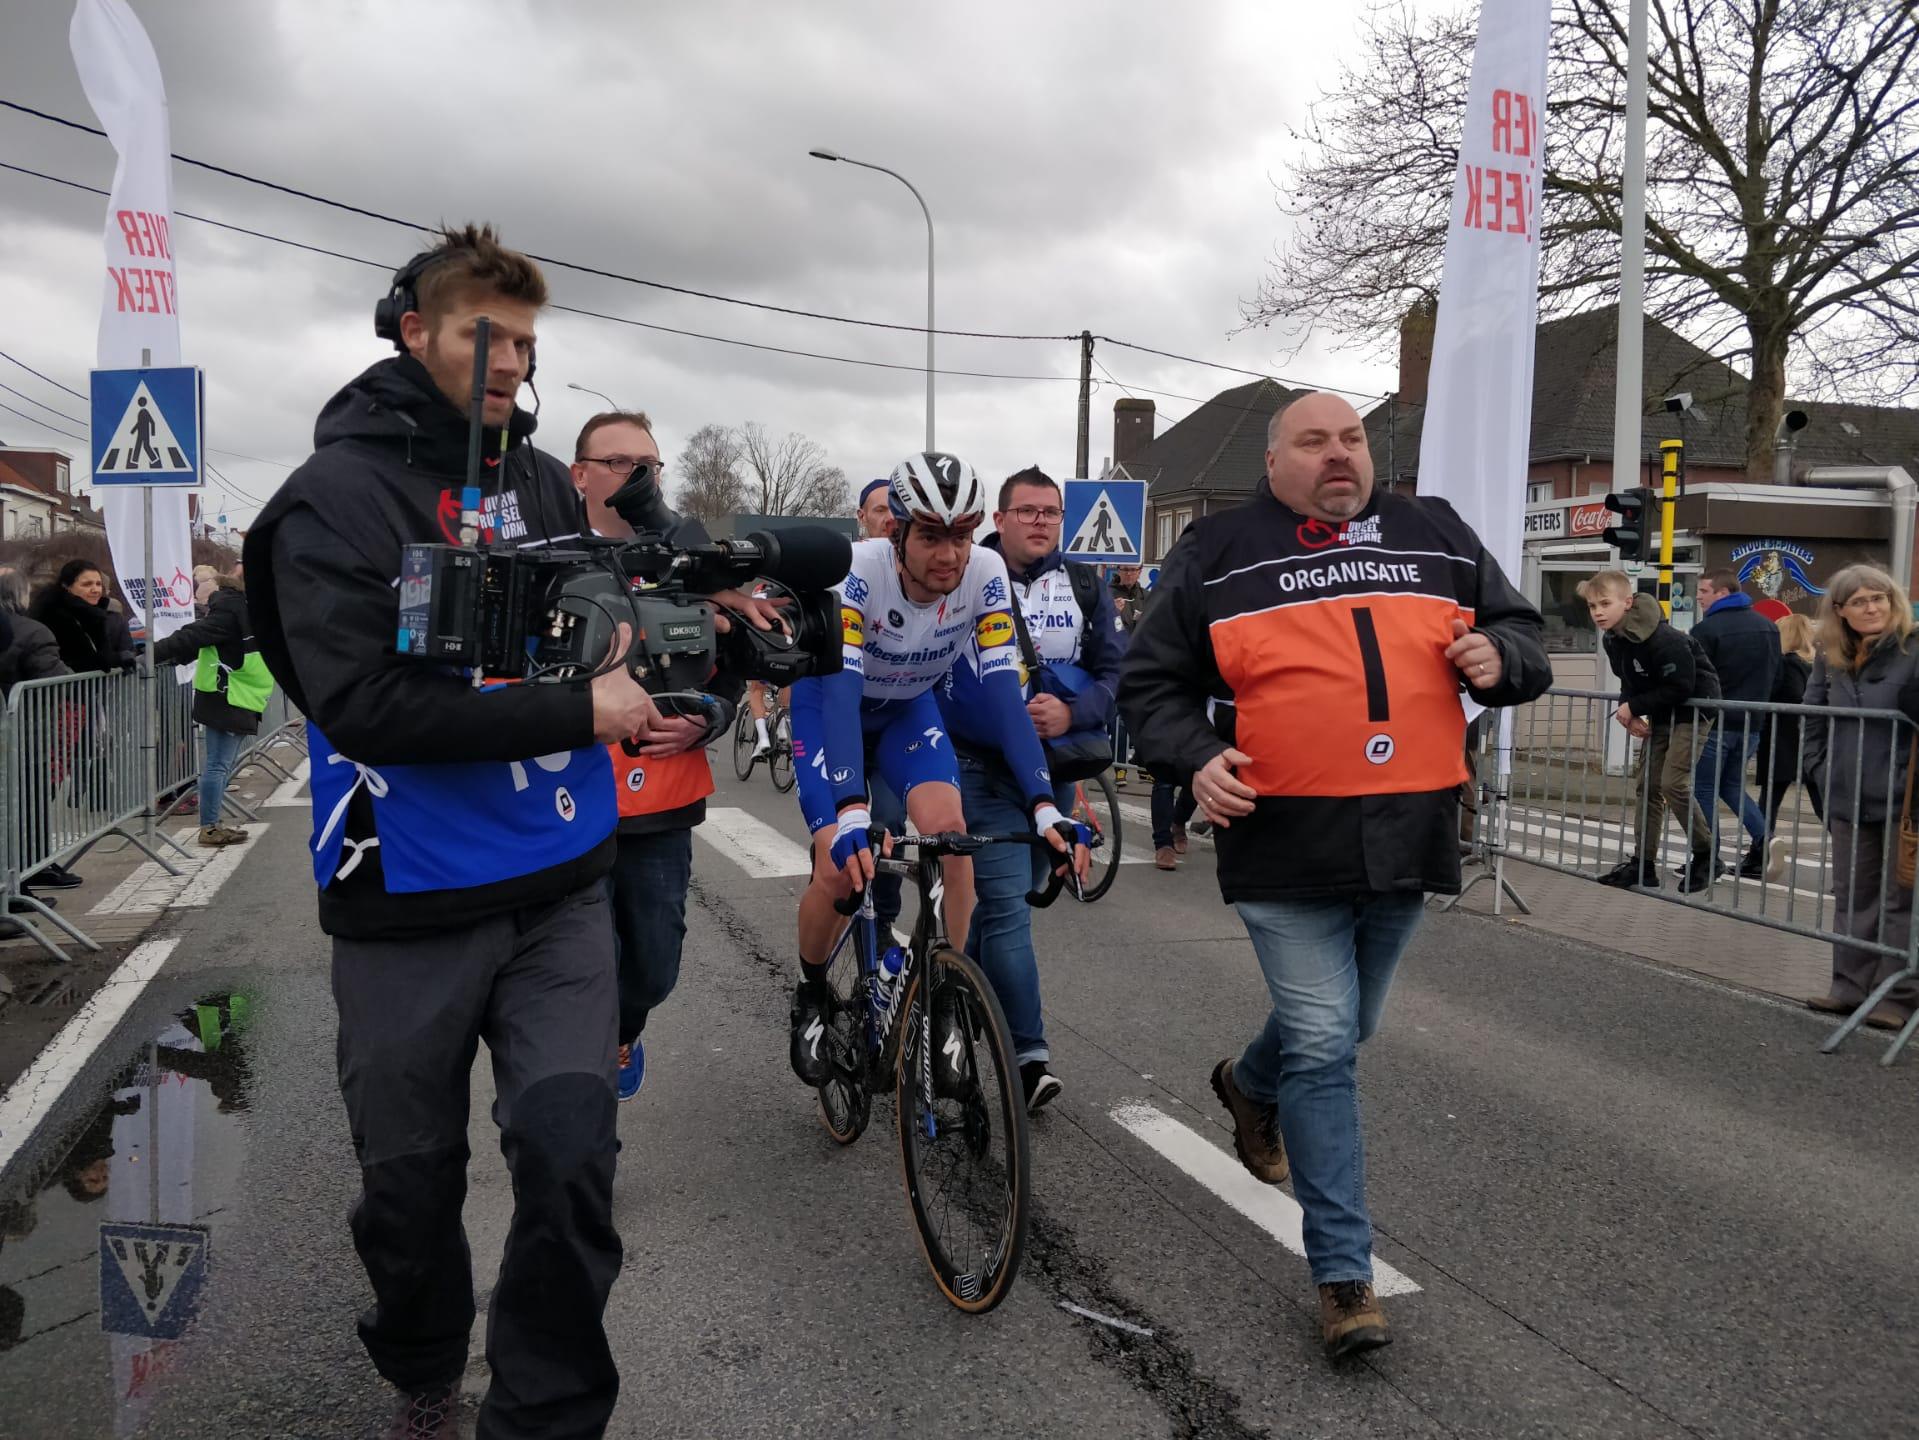 Kasper Asgreen after winning the 2020 Kuurne-Brussel-Kuurne.